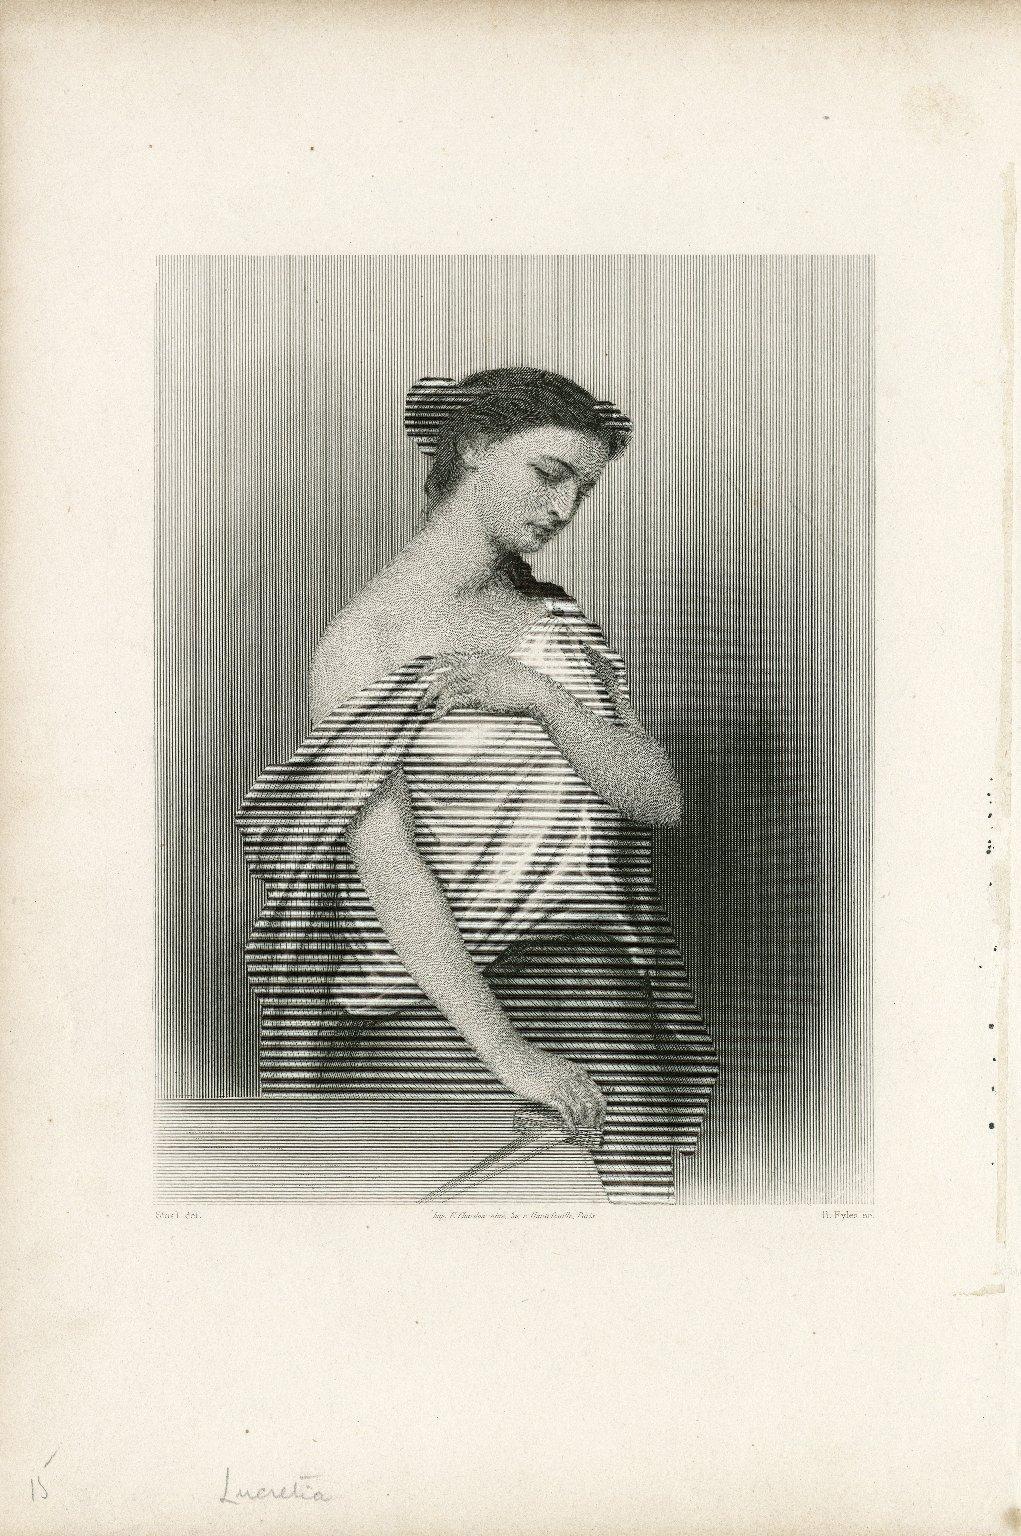 Lucretia [graphic] / Staal del. ; B. Eyles sc.